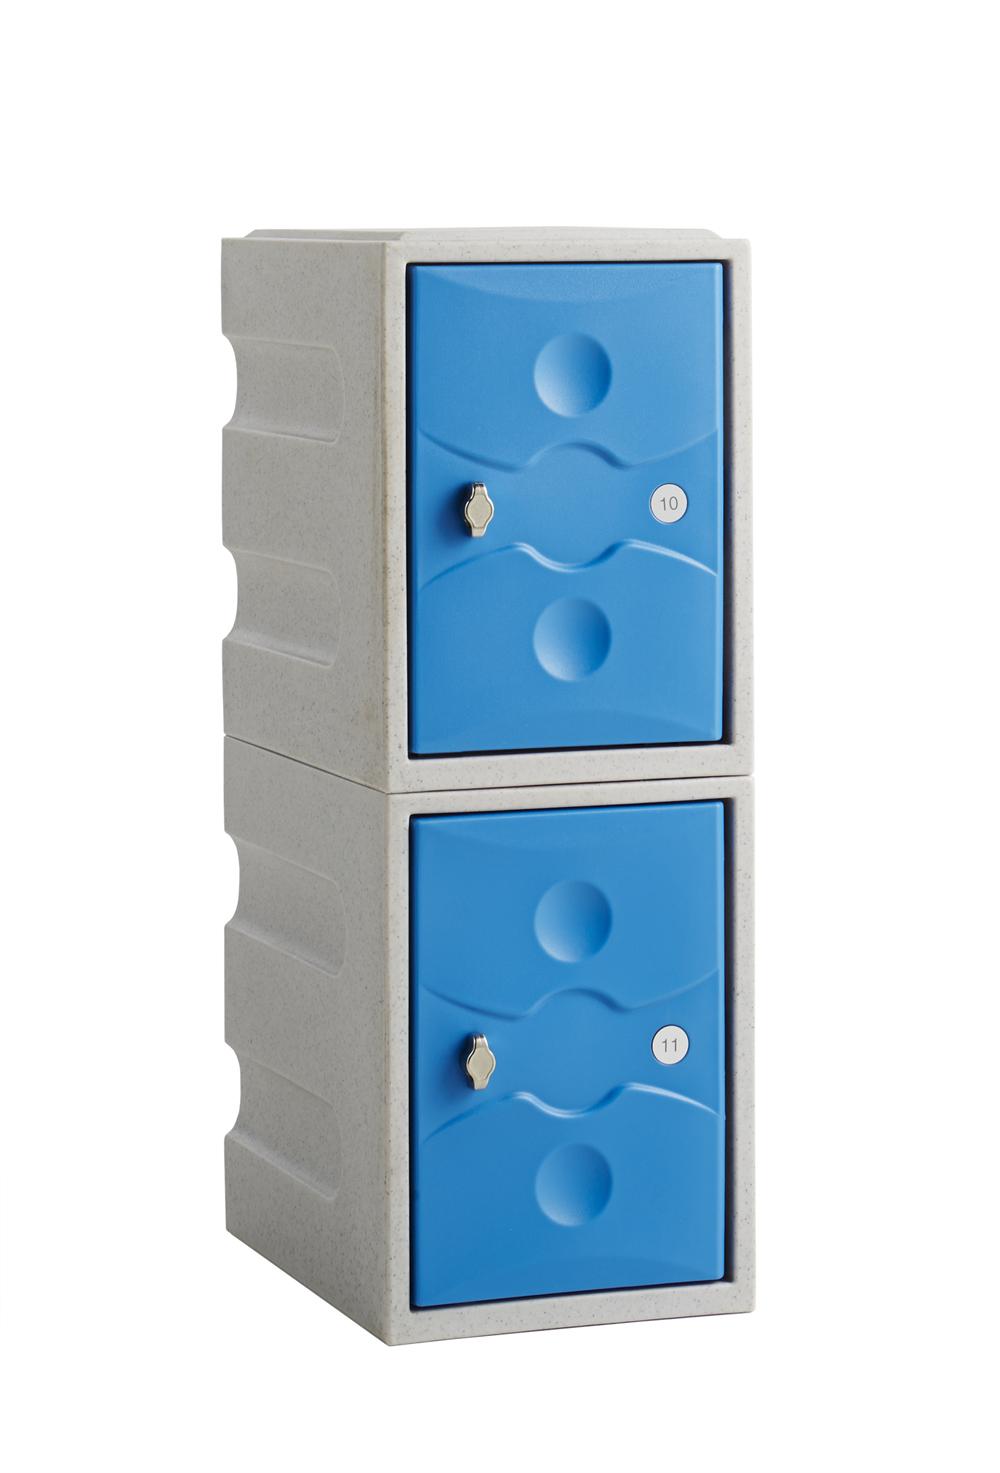 Ultrabox 2 Doors Mini Water Resistant